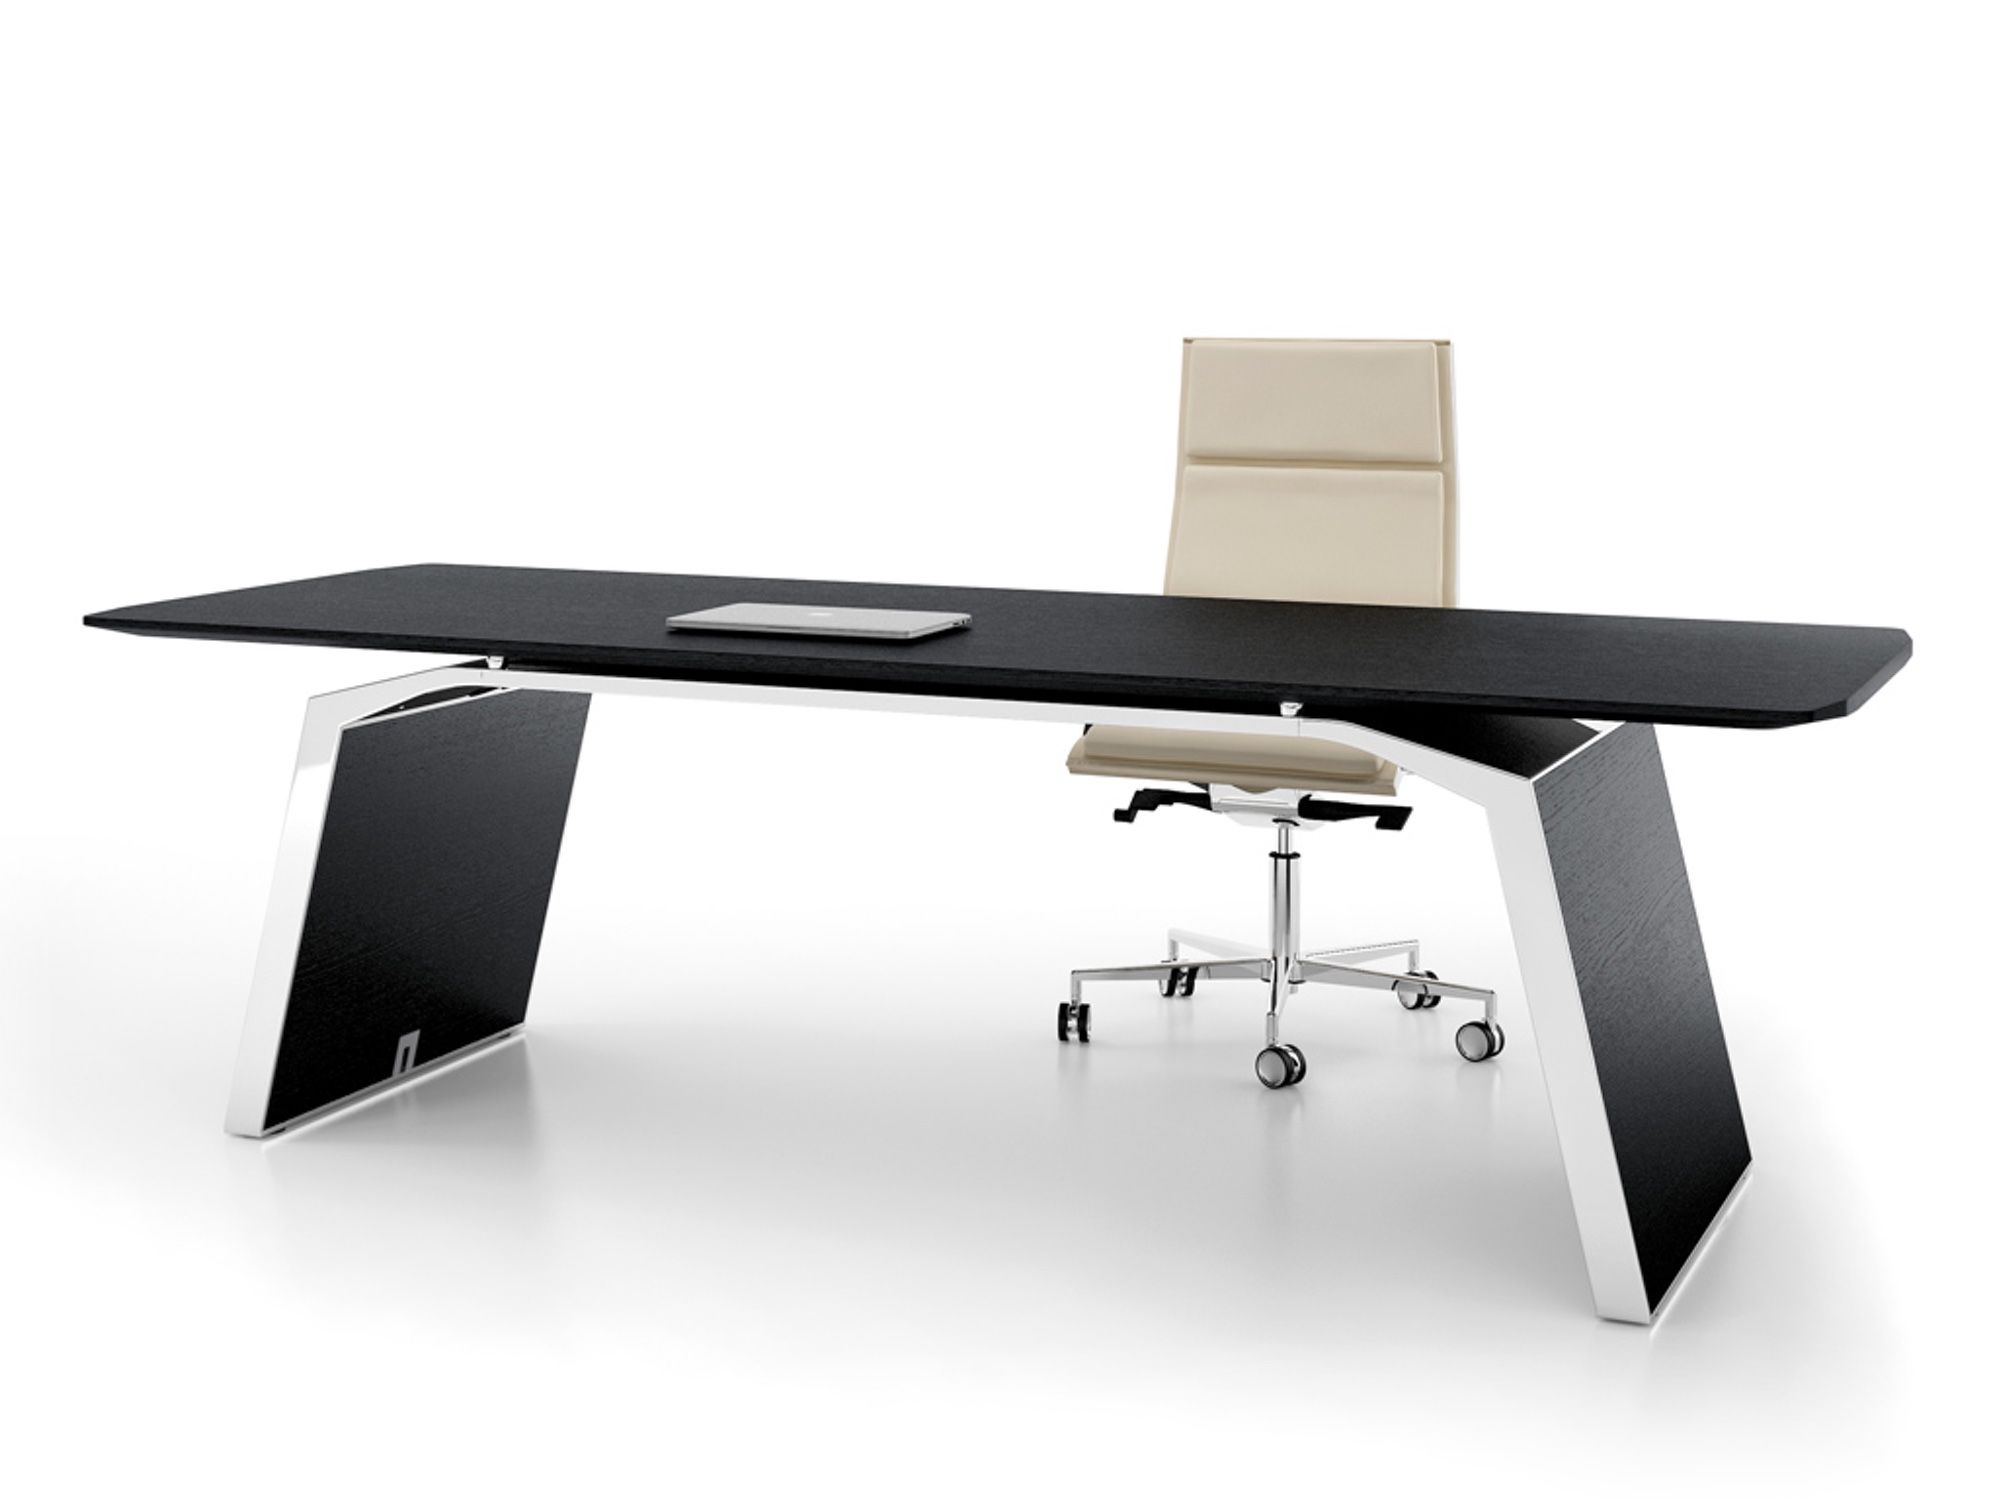 Bralco Metar Executive Schreibtisch 240x100 cm in Echtholz furniert ...